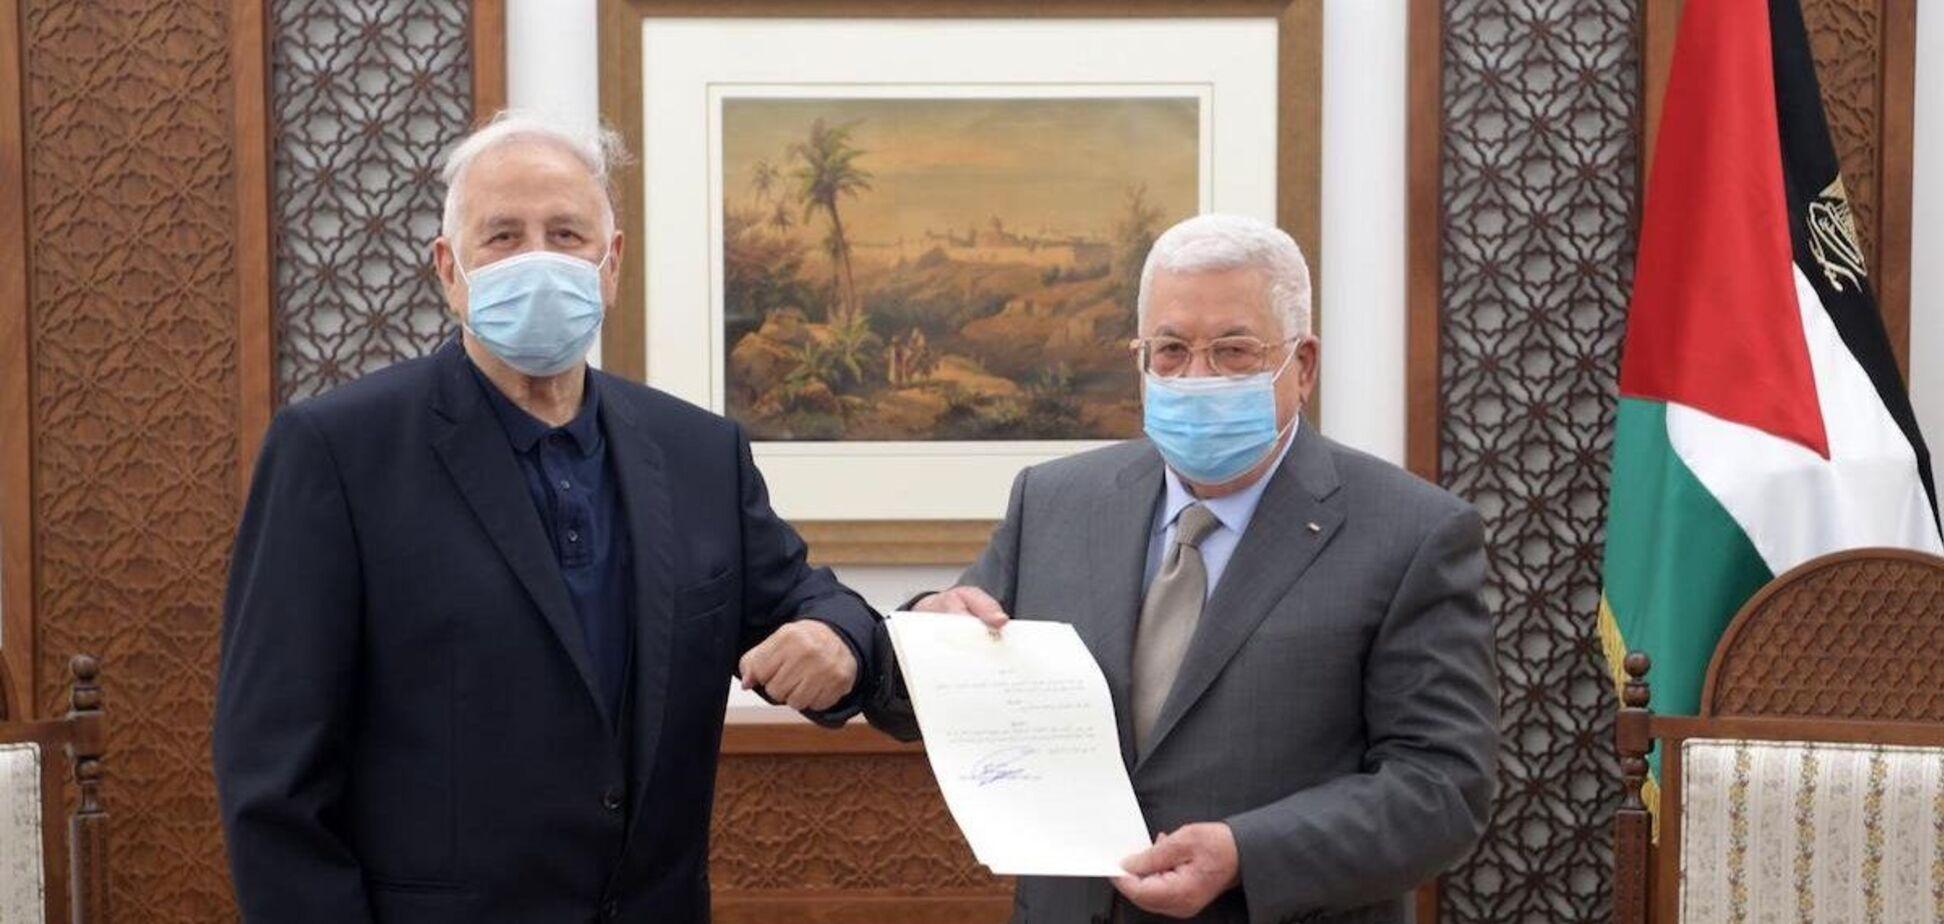 Президент Палестины Махмуд Аббас объявил о проведении выборов